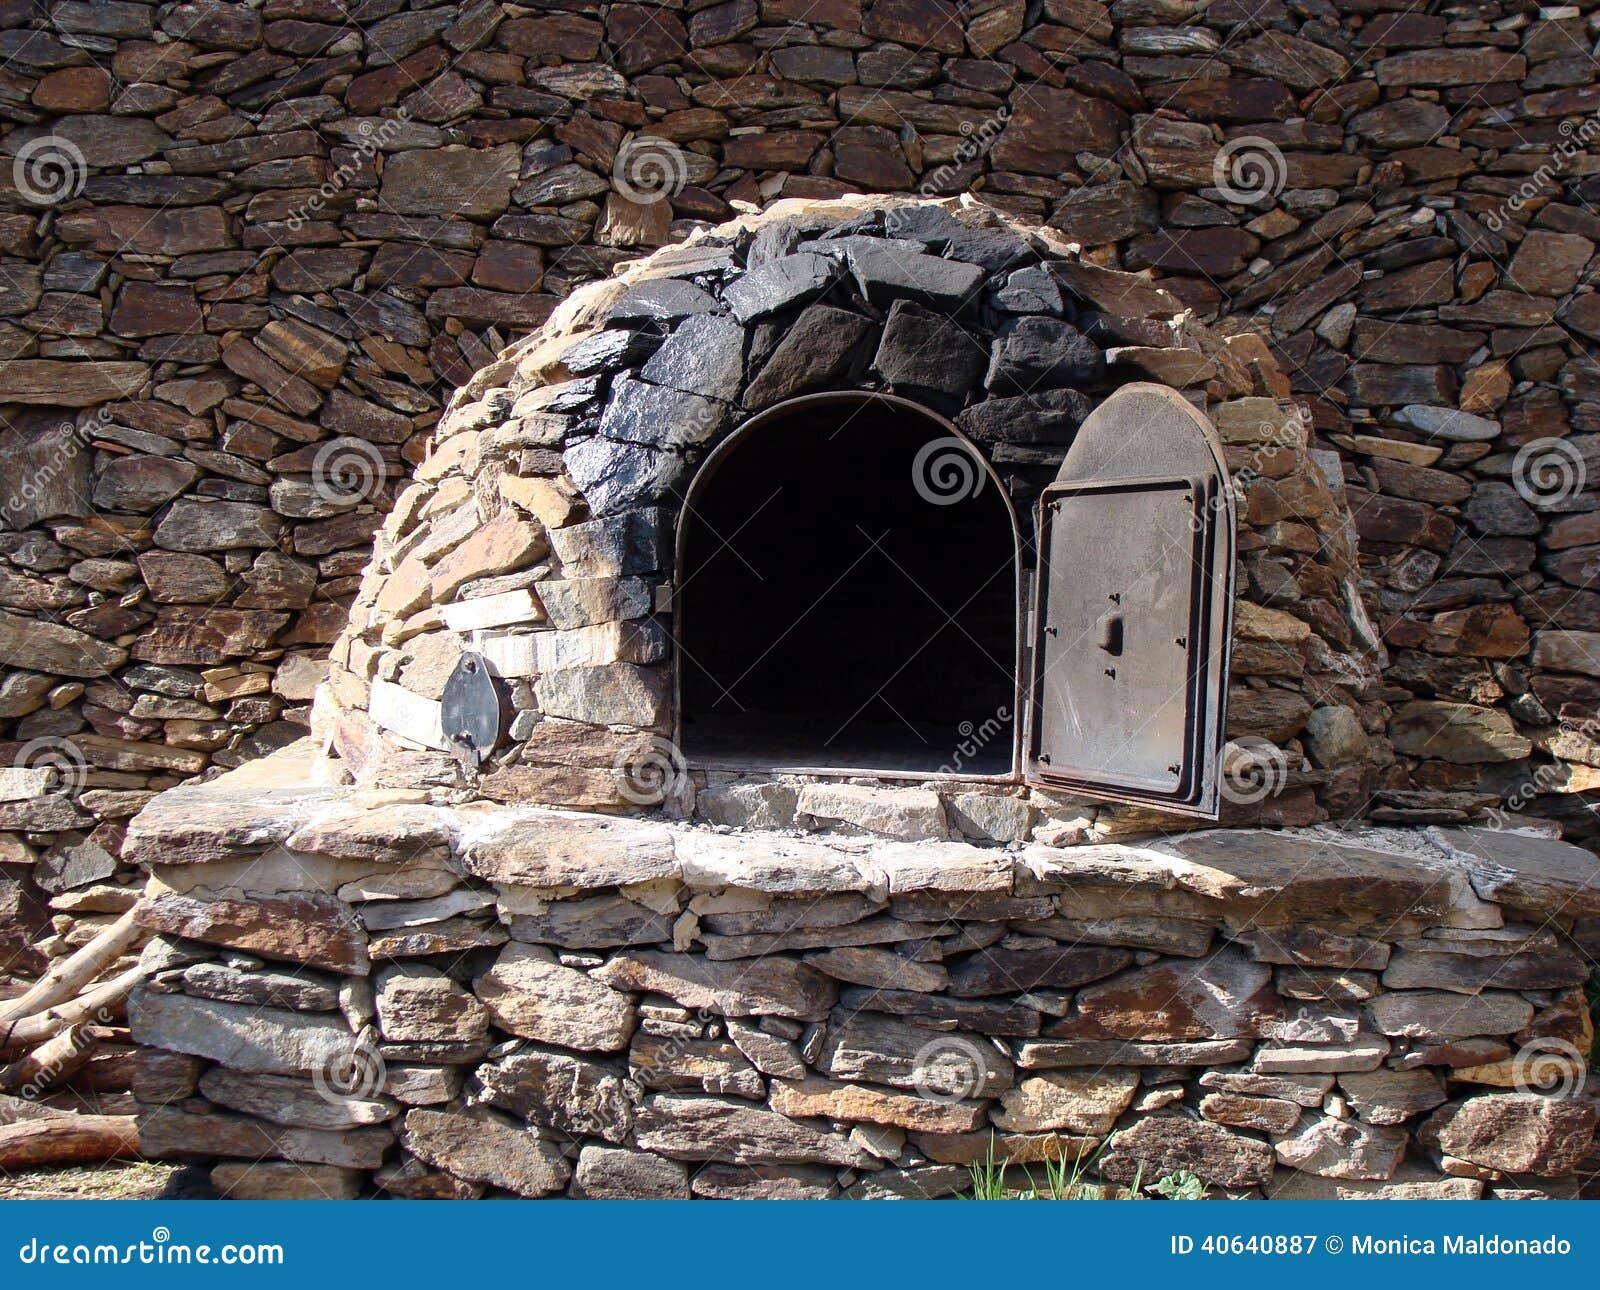 Horno de piedra rabe foto de archivo imagen 40640887 - Horno de piedra ...